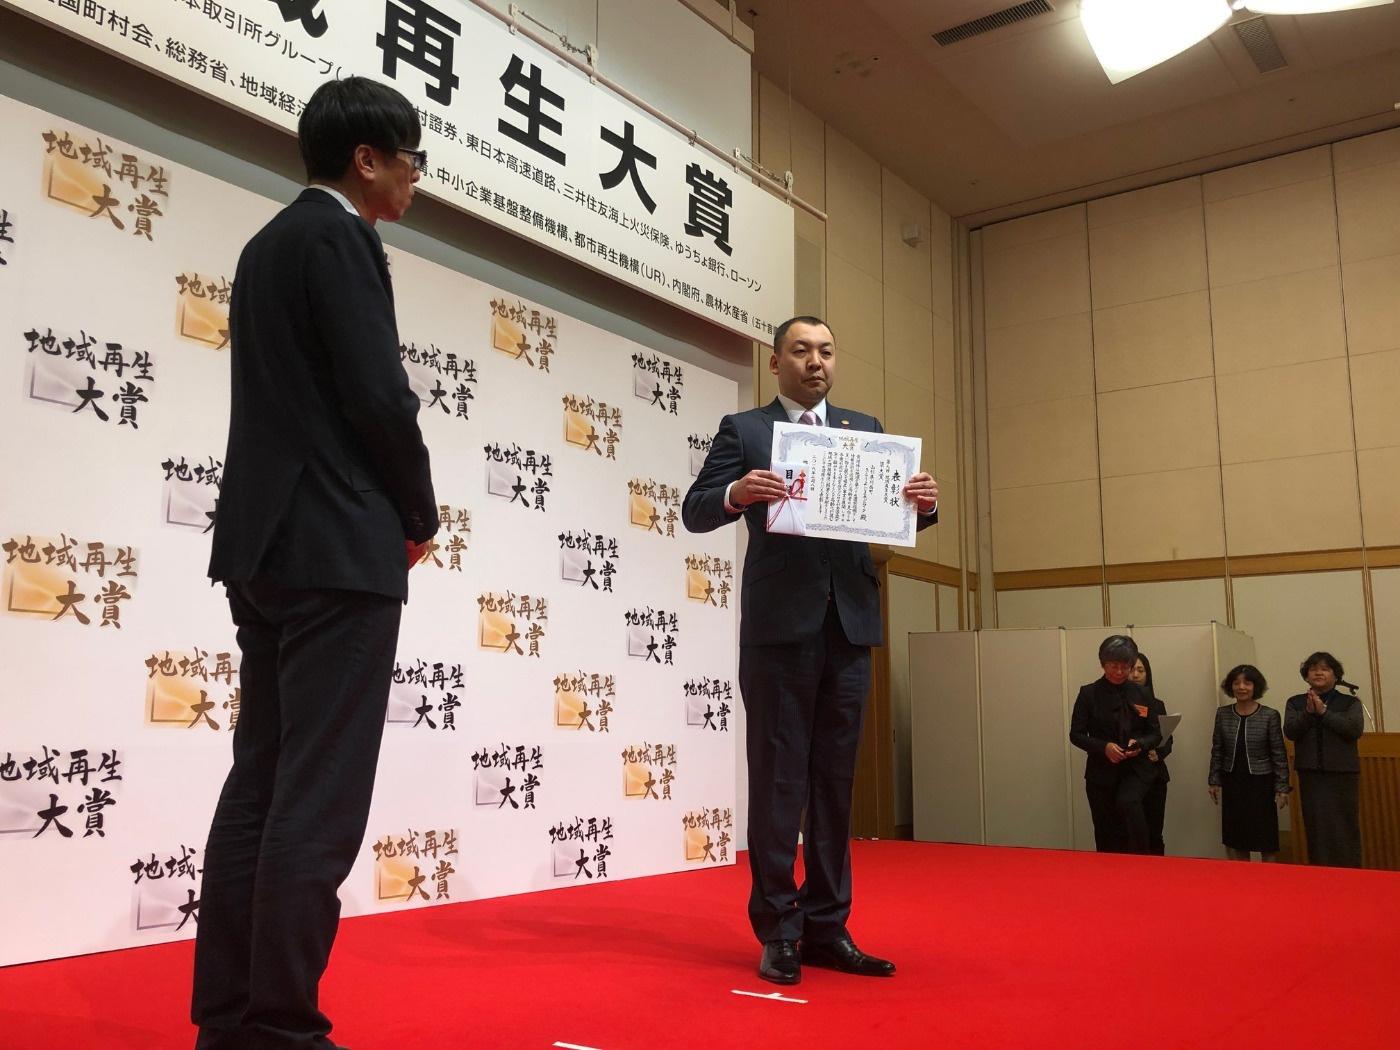 「第9回地域再生大賞準大賞」表彰式:表彰状授与の様子